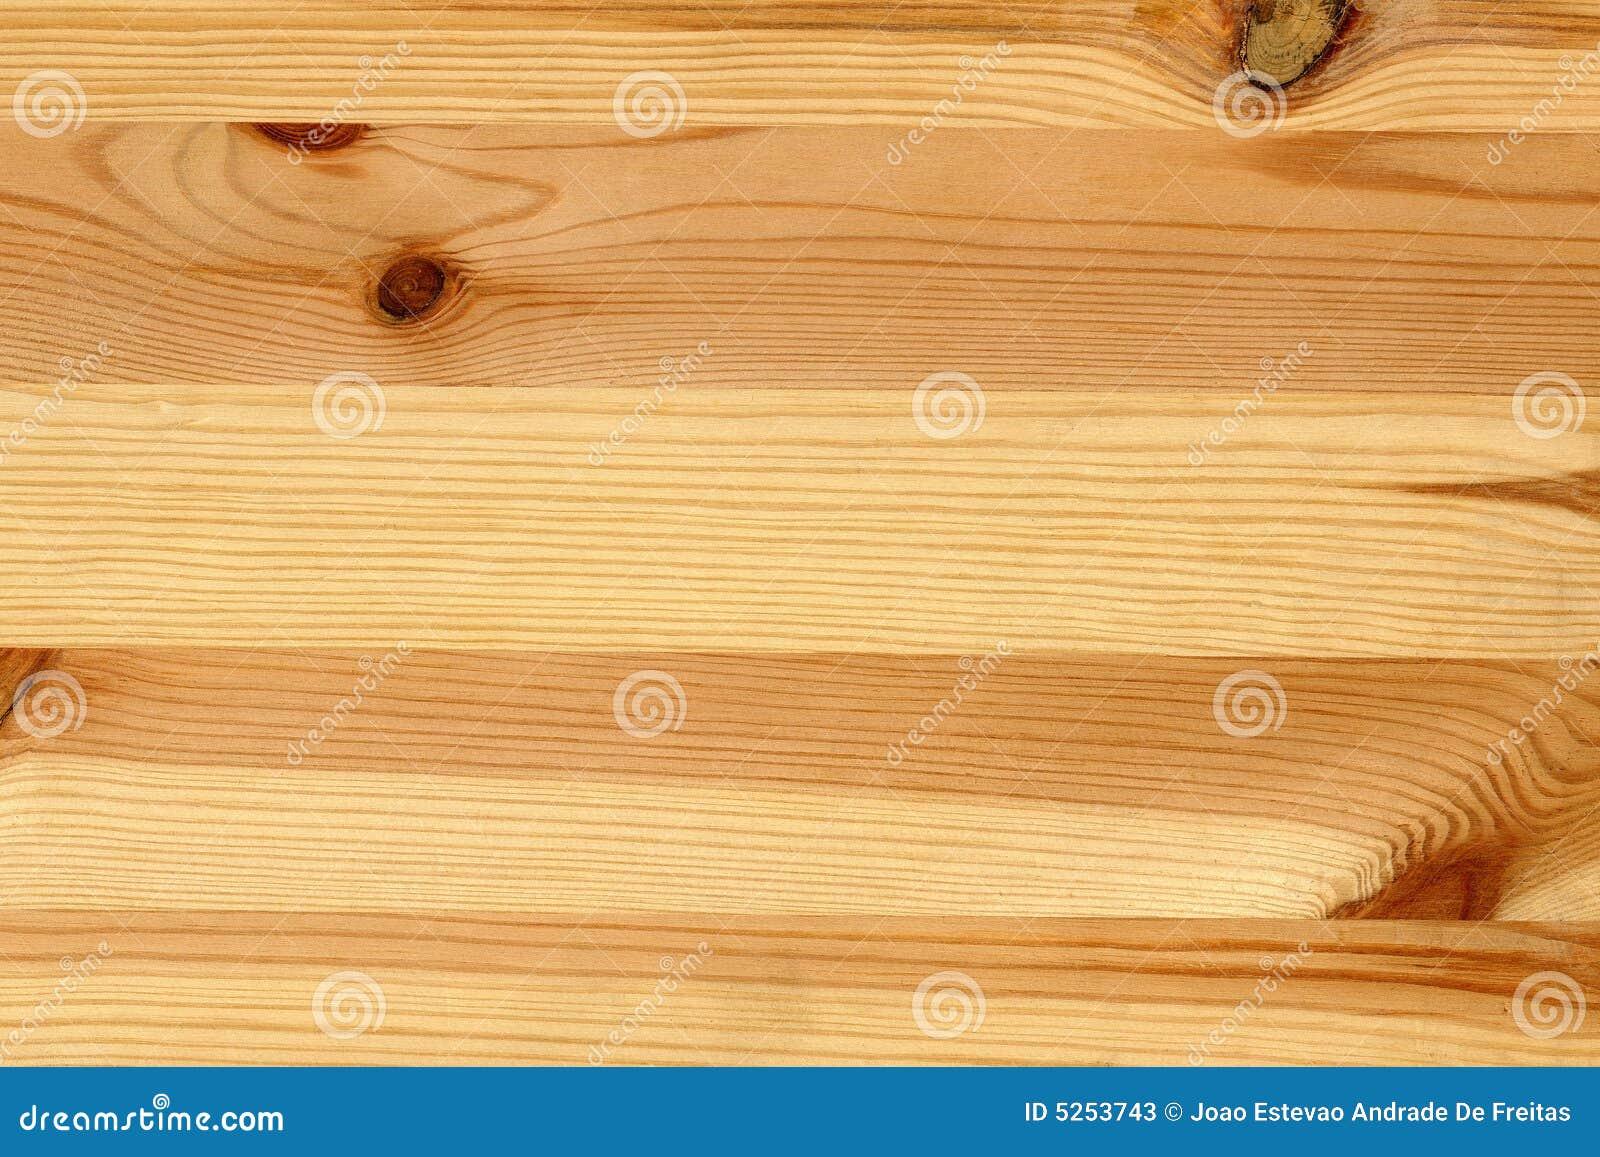 Detalhe de madeira de pinho fotos de stock imagem 5253743 - Tratamiento para madera de pino ...